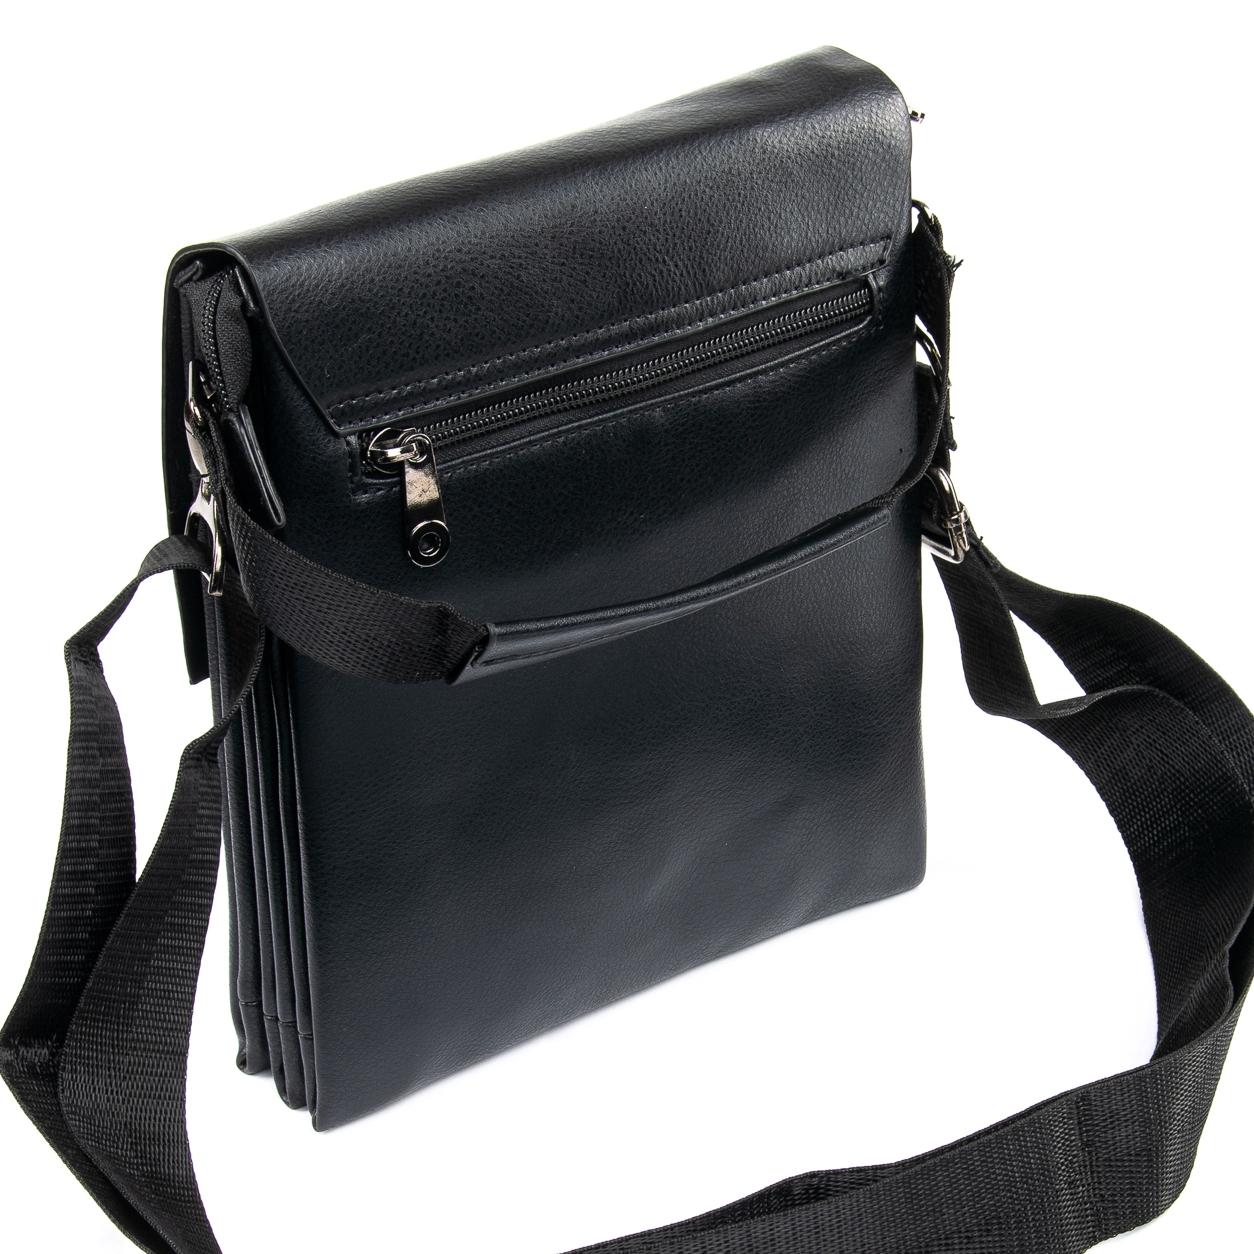 Гладкая мужская сумка «Dr.Bond» из искусственной кожи с клапаном на магнитах фото 1